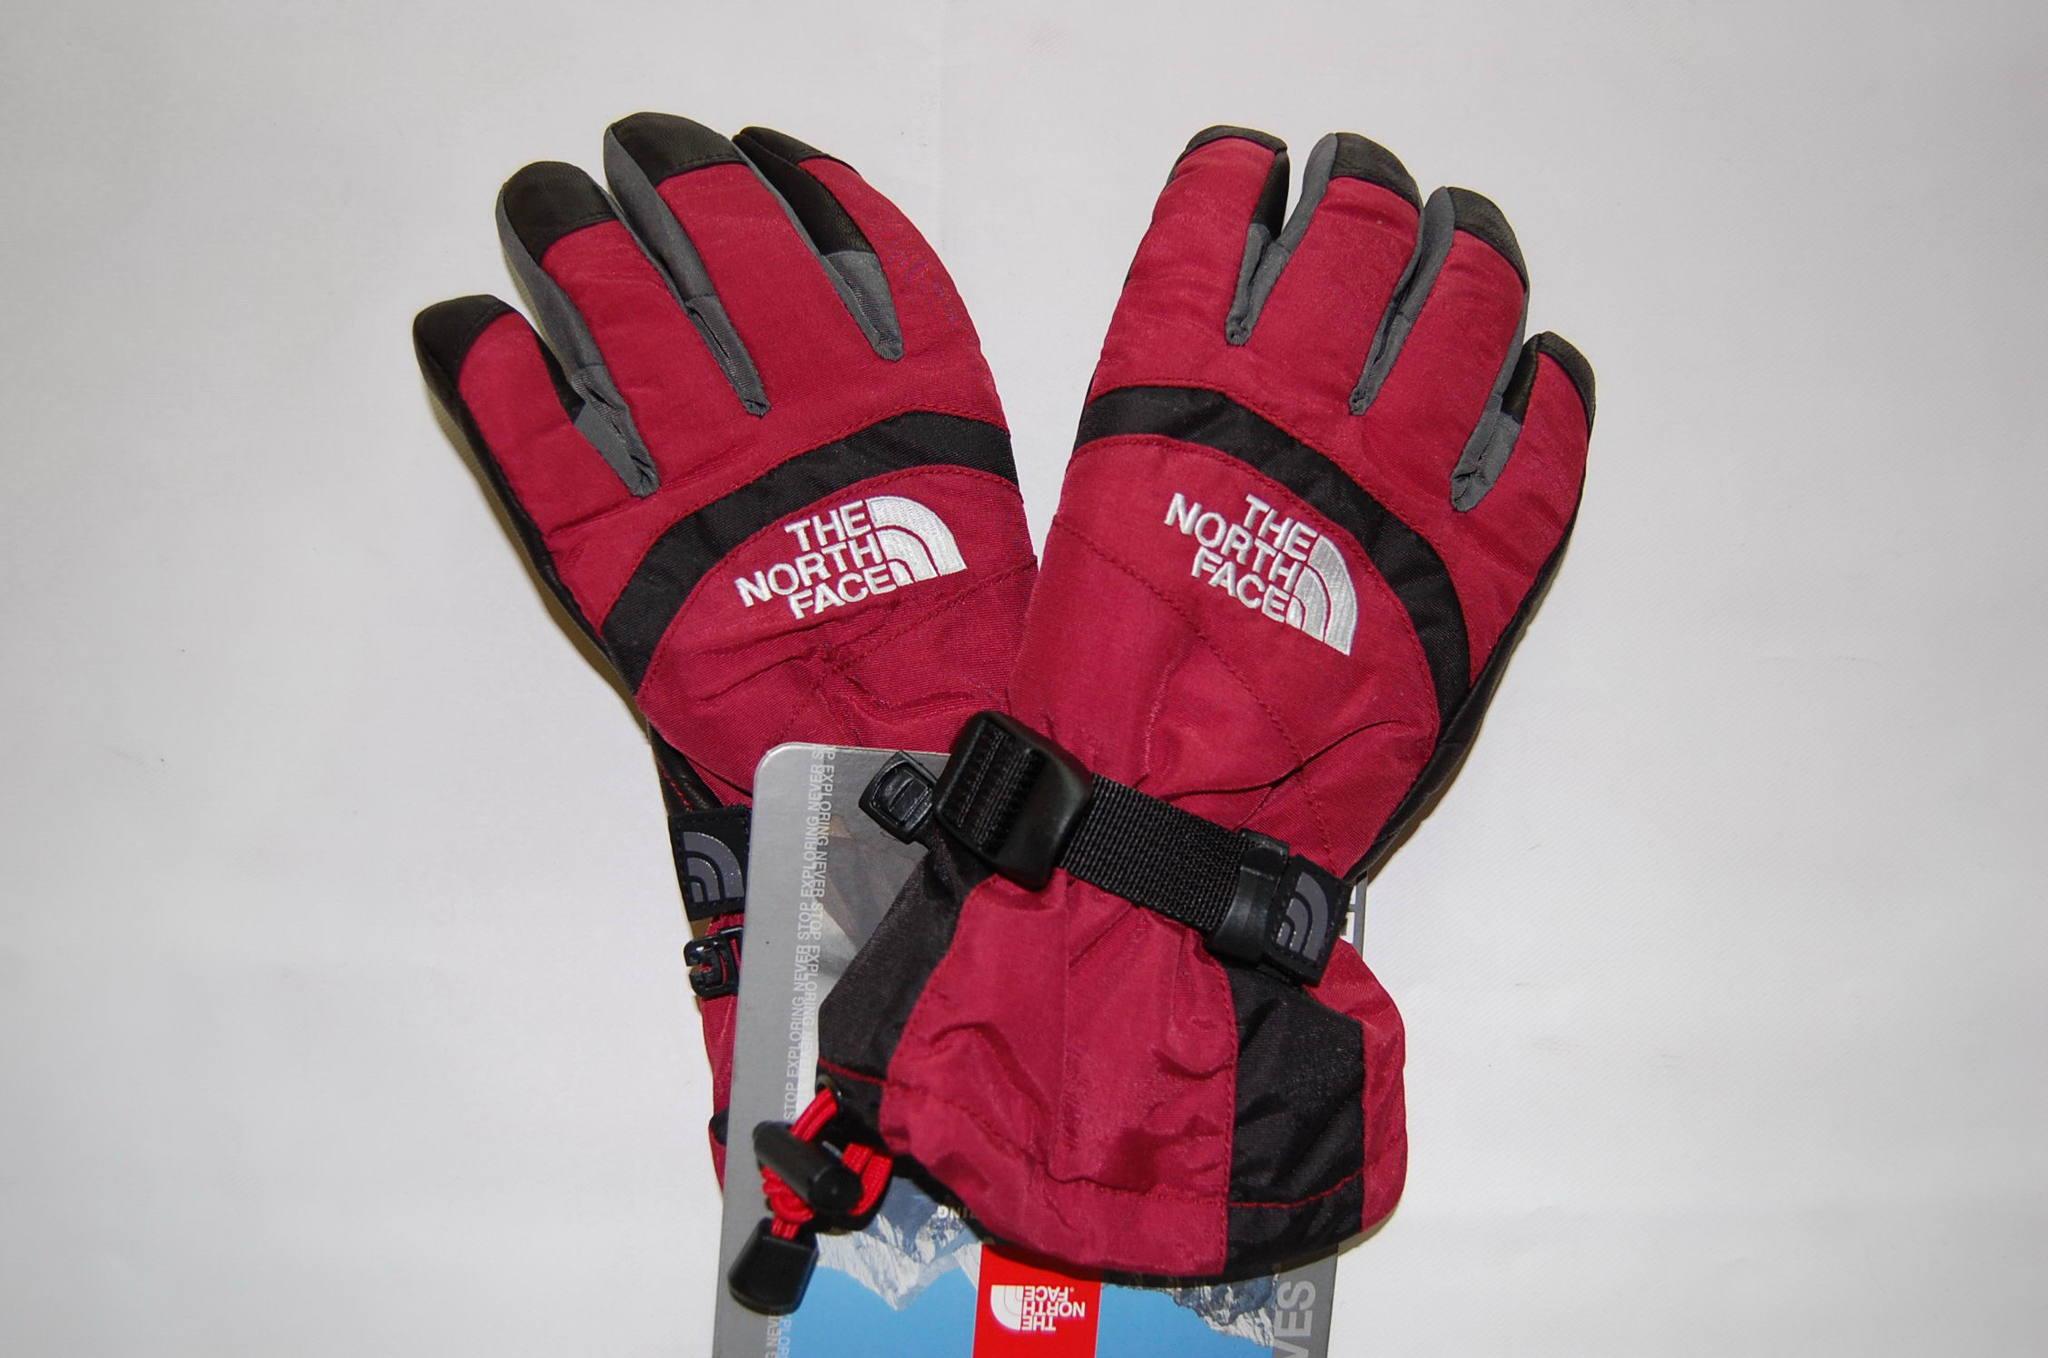 韩国原单 骑行手套全指手套男女款 防滑登山健身户外运动手套